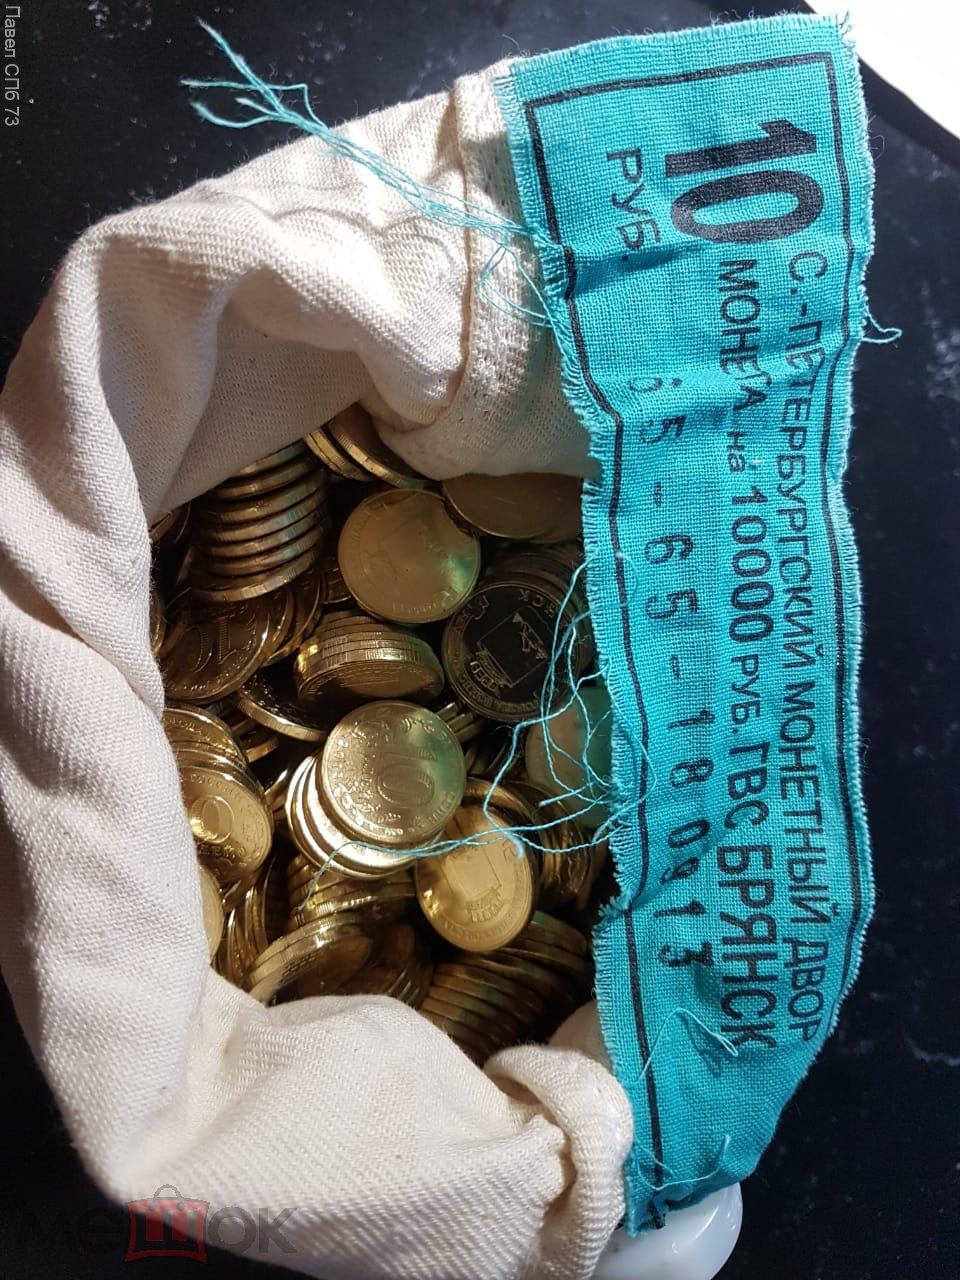 10 рублей 2013 СПМД ГВС ГОРОД ВОИНСКОЙ СЛАВЫ Брянск МЕШКОВОЙ ГАЛЬВАНИКА КОЛИЧЕСТВО